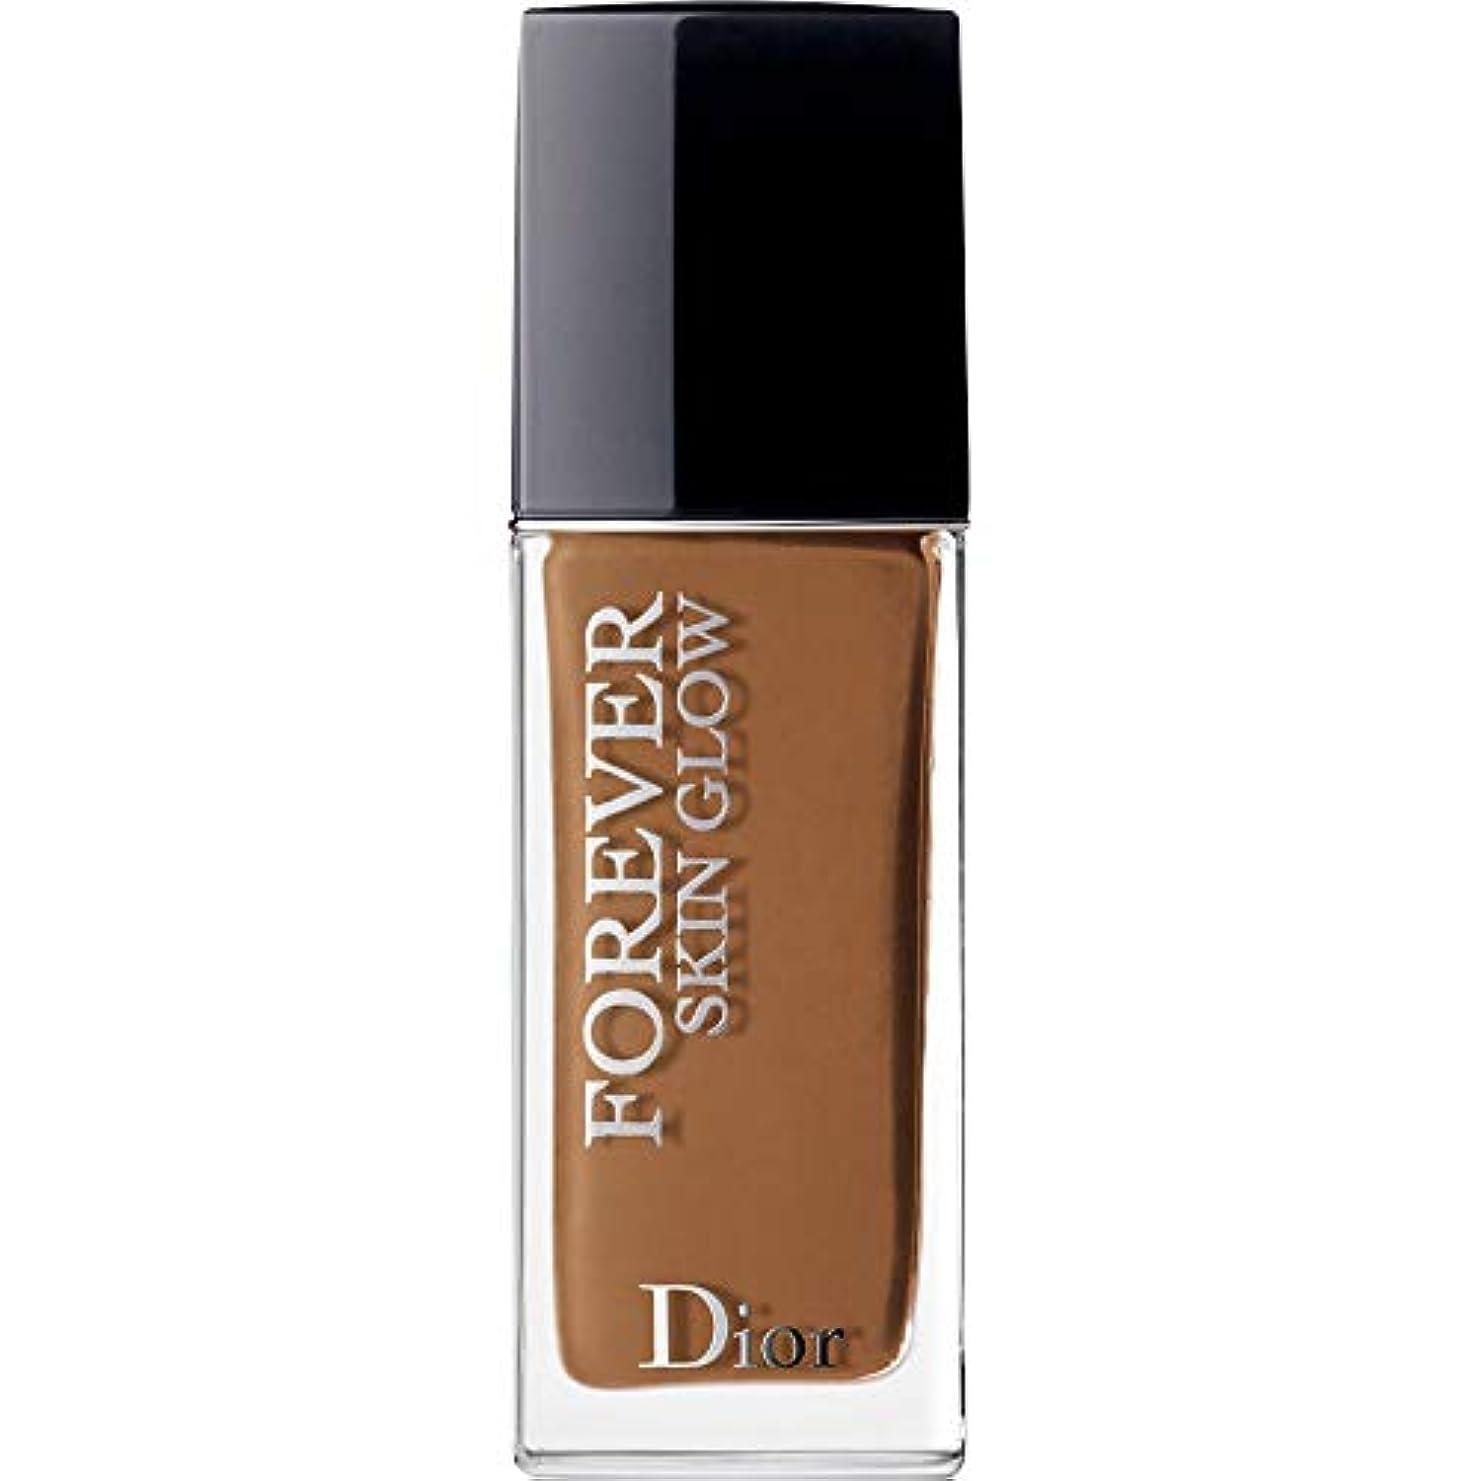 証拠対カラス[Dior ] ディオール永遠に皮膚グロー皮膚思いやりの基礎Spf35 30ミリリットルの7N - ニュートラル(肌の輝き) - DIOR Forever Skin Glow Skin-Caring Foundation...